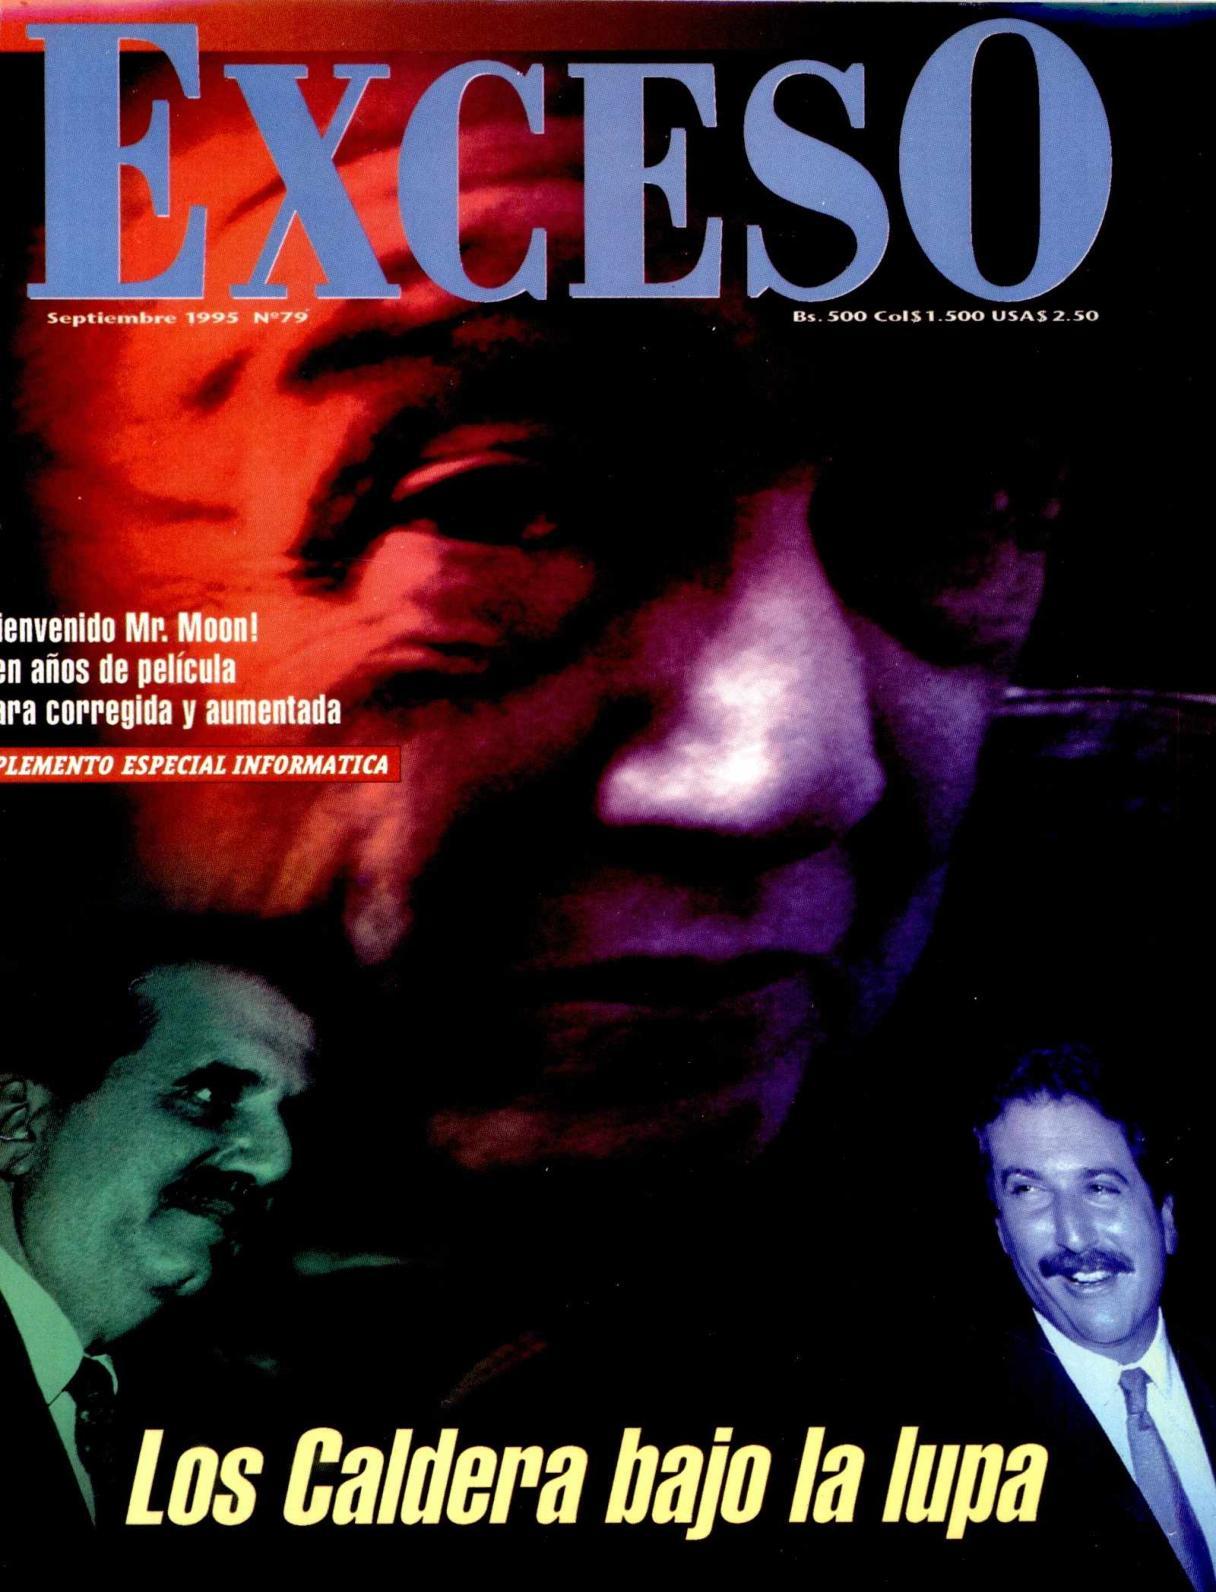 Calaméo - REVISTA EXCESO SEPTIEMBRE 1995 EDICION Nº 79 28eb7d819805